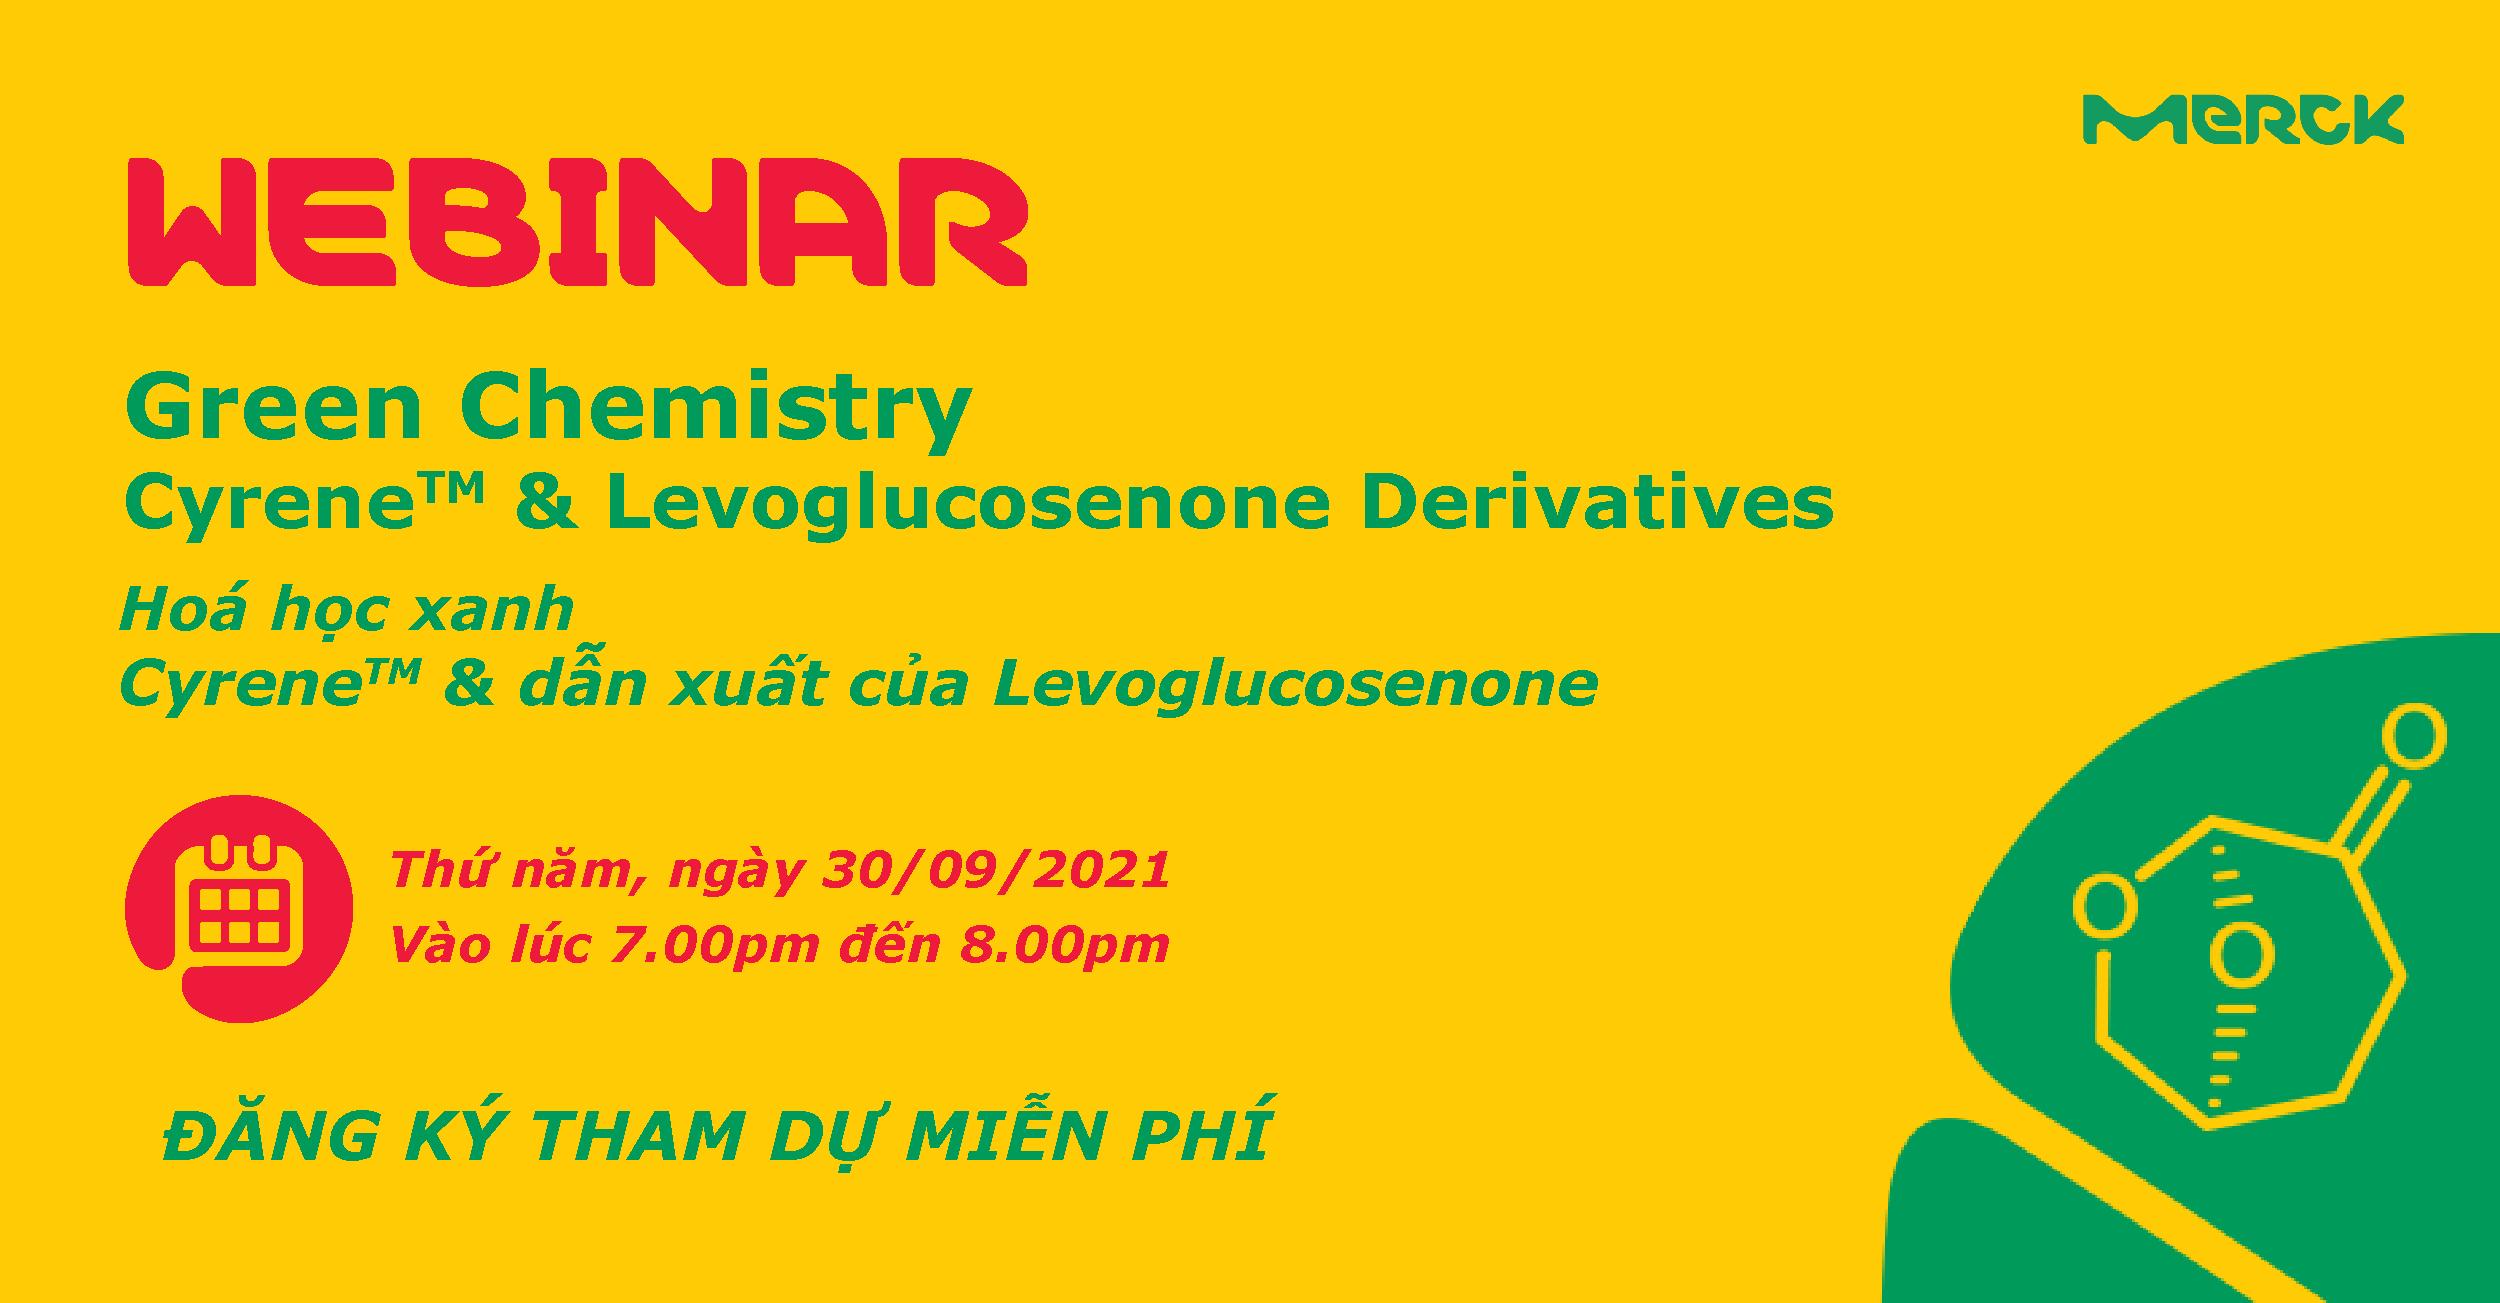 Hoá học xanh – Cyrene và dẫn xuất của Levoglucosenone